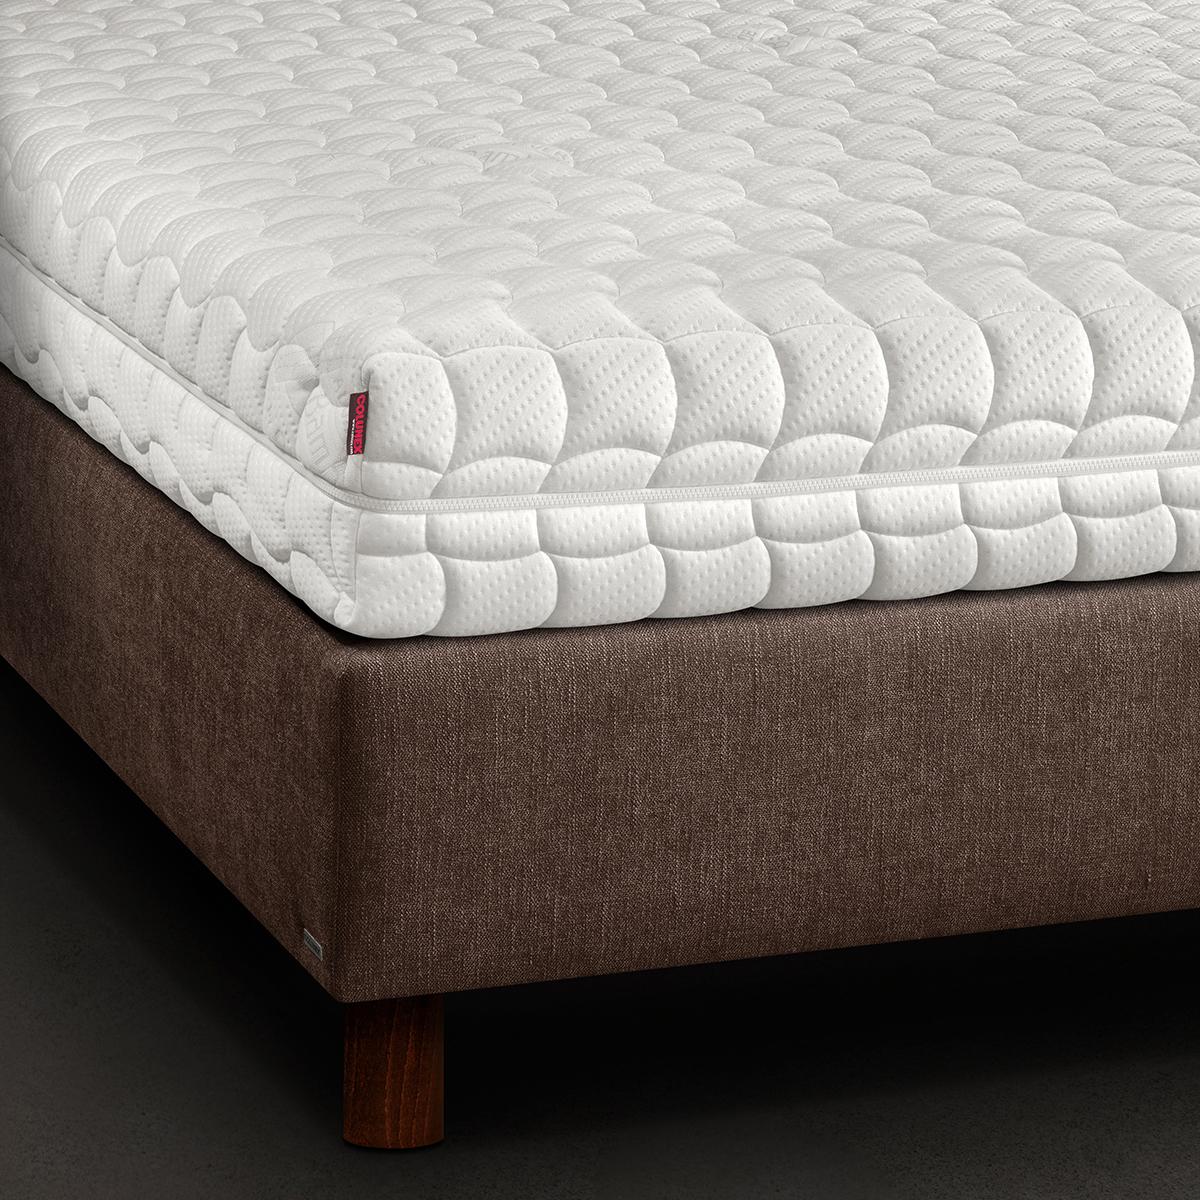 celebration Colchão Celebration colunex celebration mattress 01 3